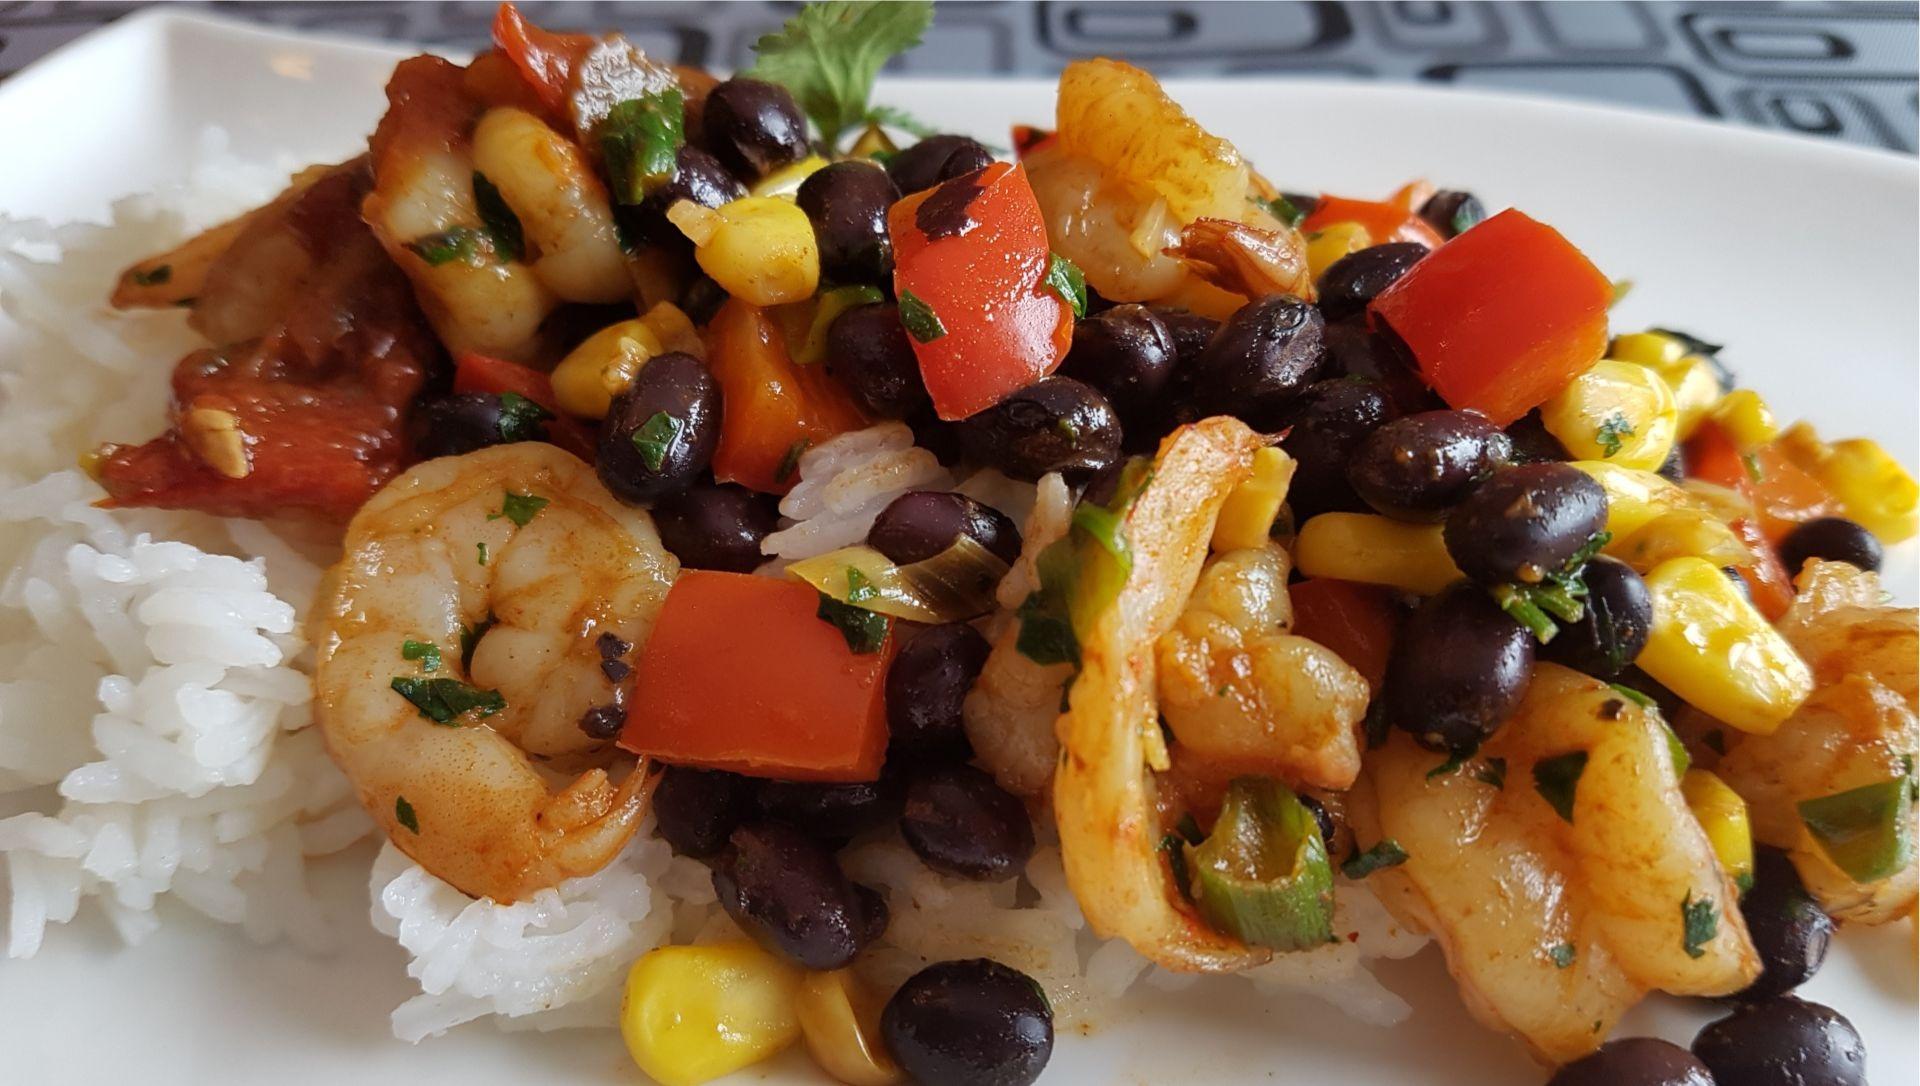 Crevettes, poivrons rouges, haricots noirs, maïs, riz blanc sur plaque